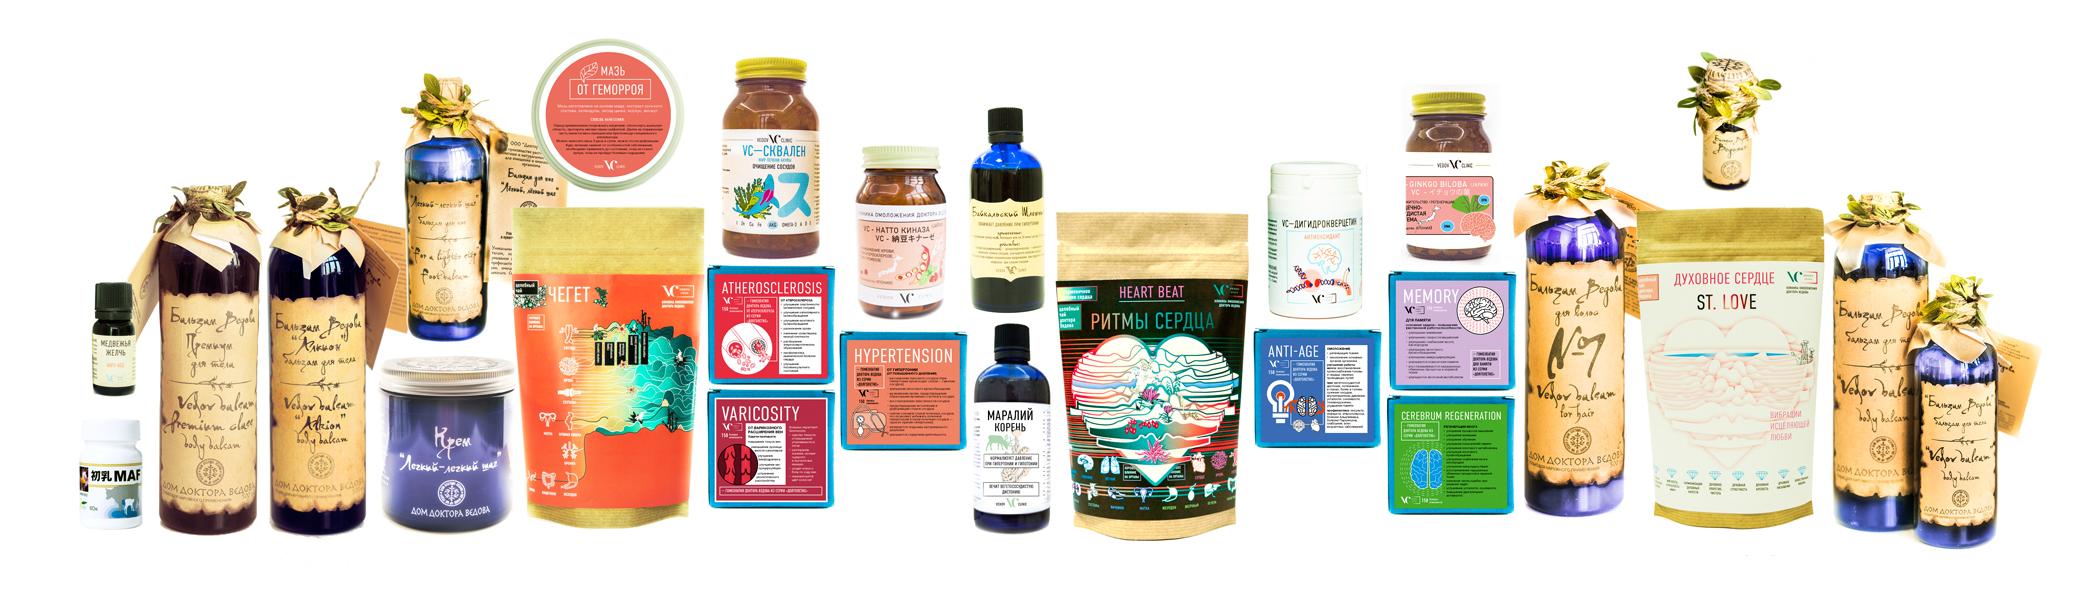 Препараты для кровеносной и сердечно-сосудистой системы